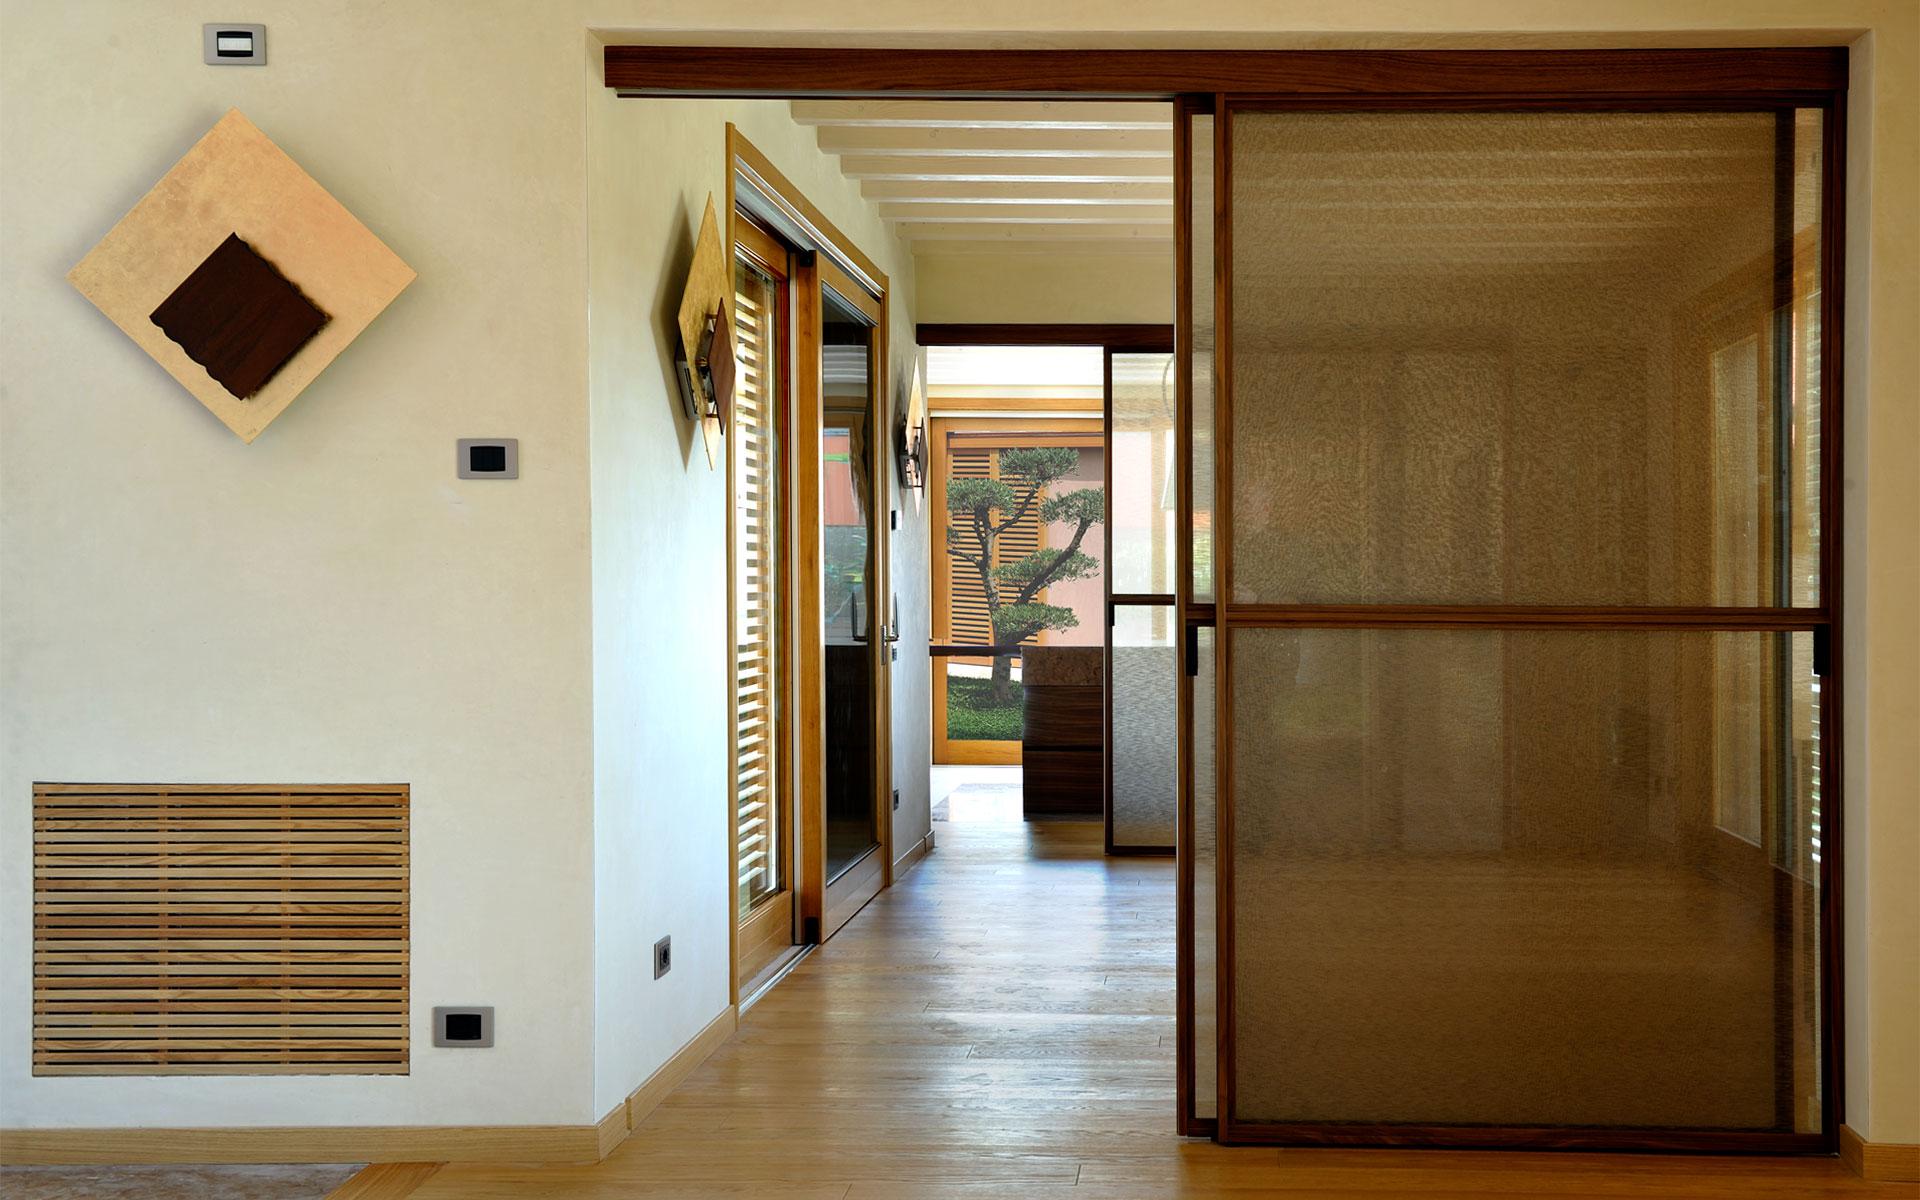 Pannelli scorrevoli giapponesi great pareti scorrevoli giapponesi prezzi porta scorrevole - Porte scorrevoli stile giapponese ...